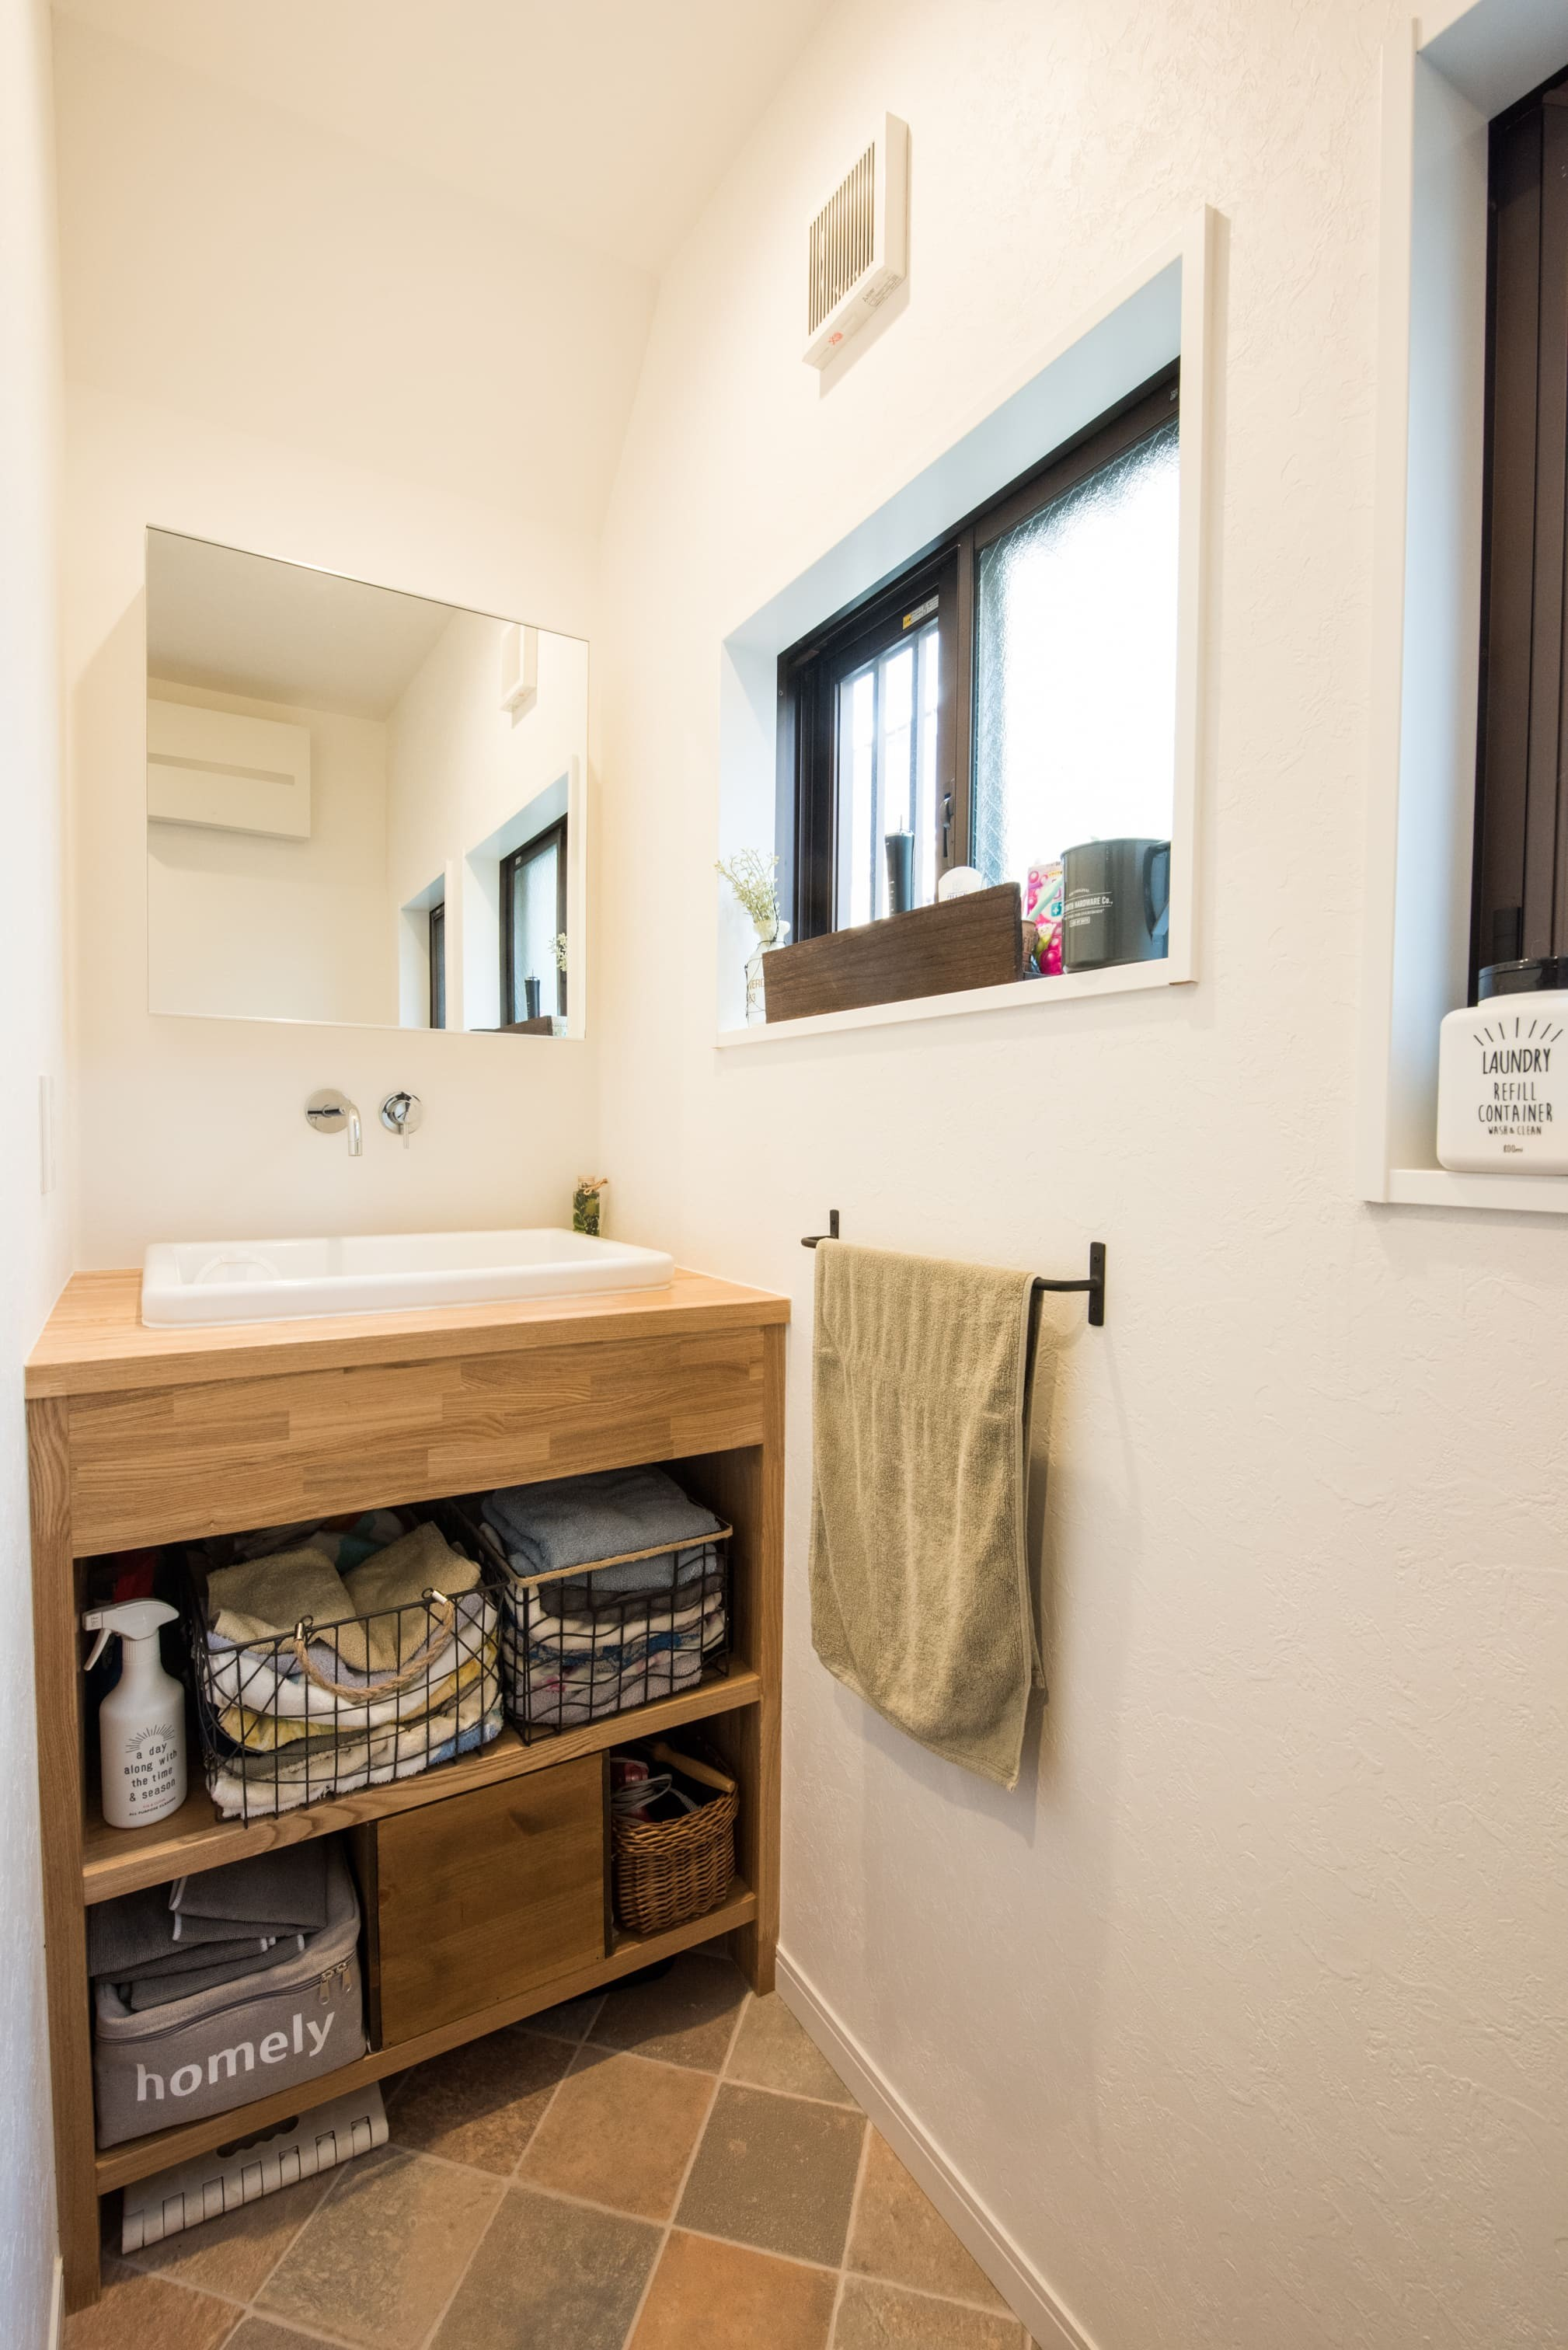 その他事例:洗面室(デッドスペースの有効活用と見せる収納)